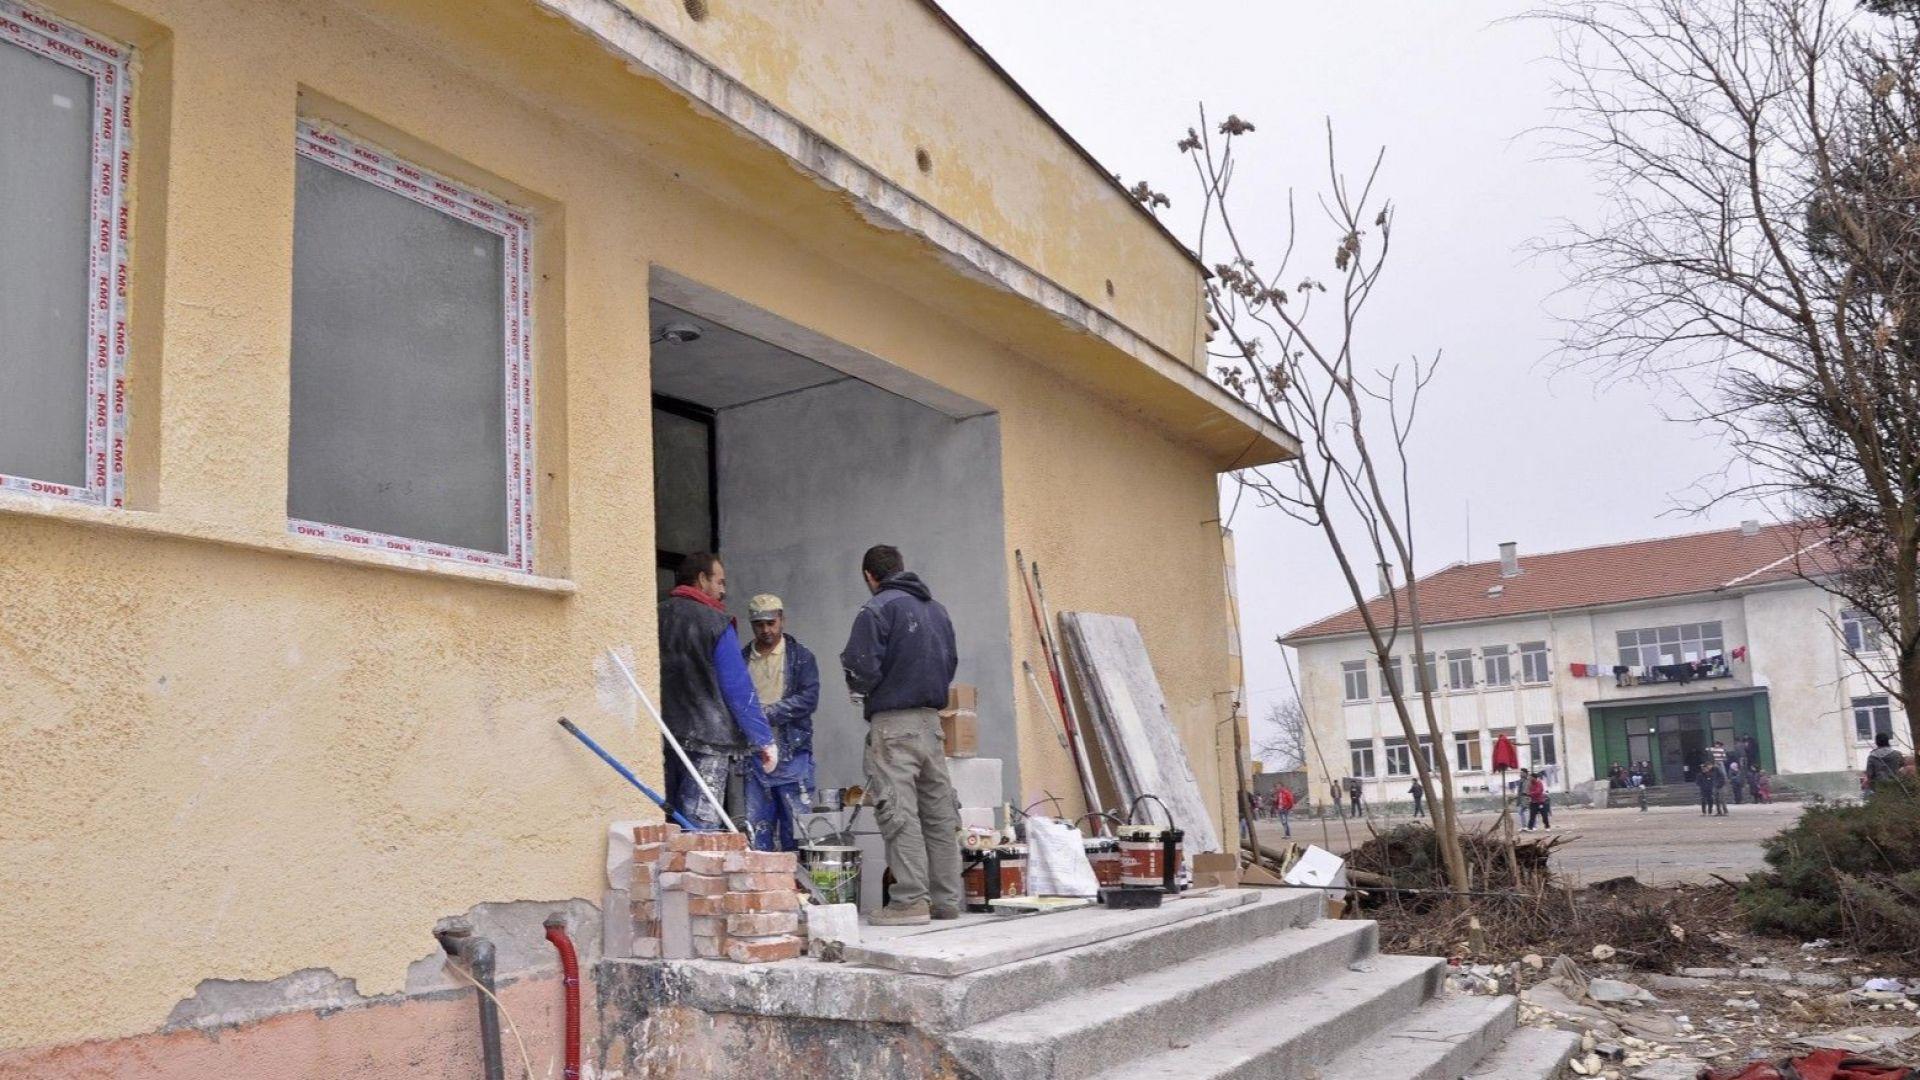 Петима сирийци са задържани за побой в центъра за мигранти в Харманли